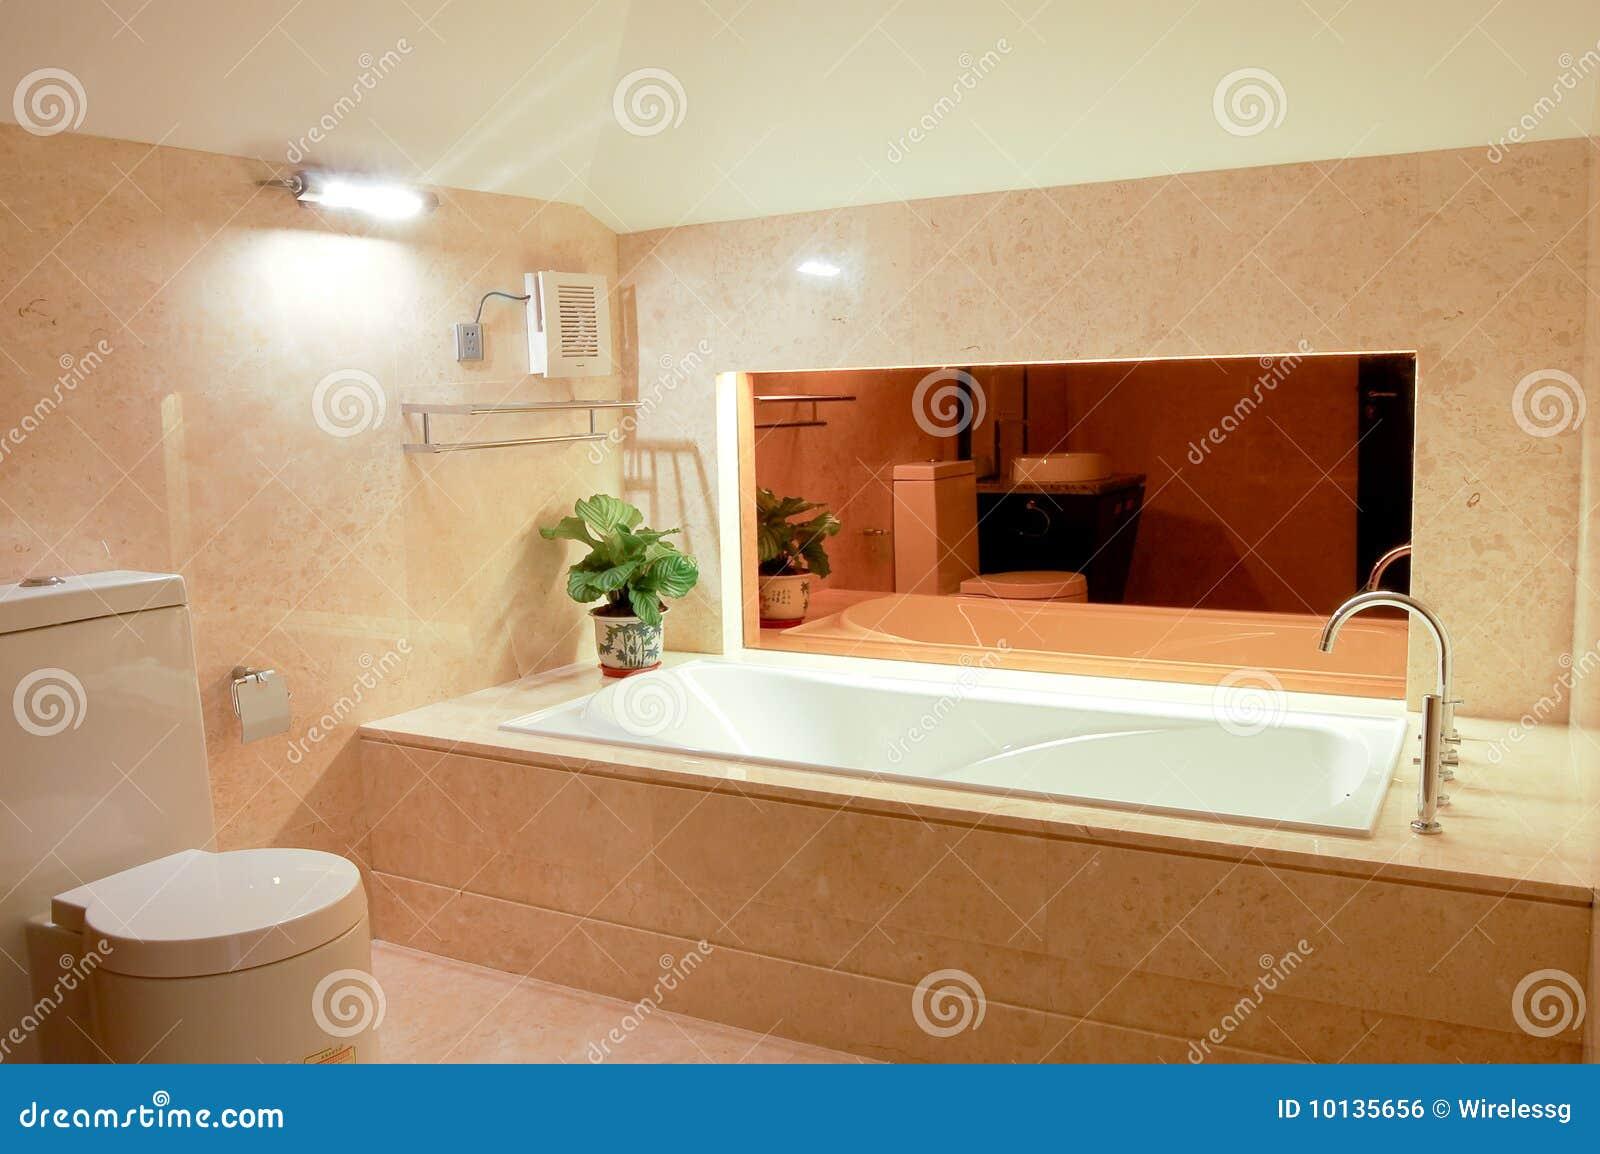 Vasche Da Bagno Antiche Prezzi : Vasca da bagno grande. affordable vasche da bagno antiche with vasca